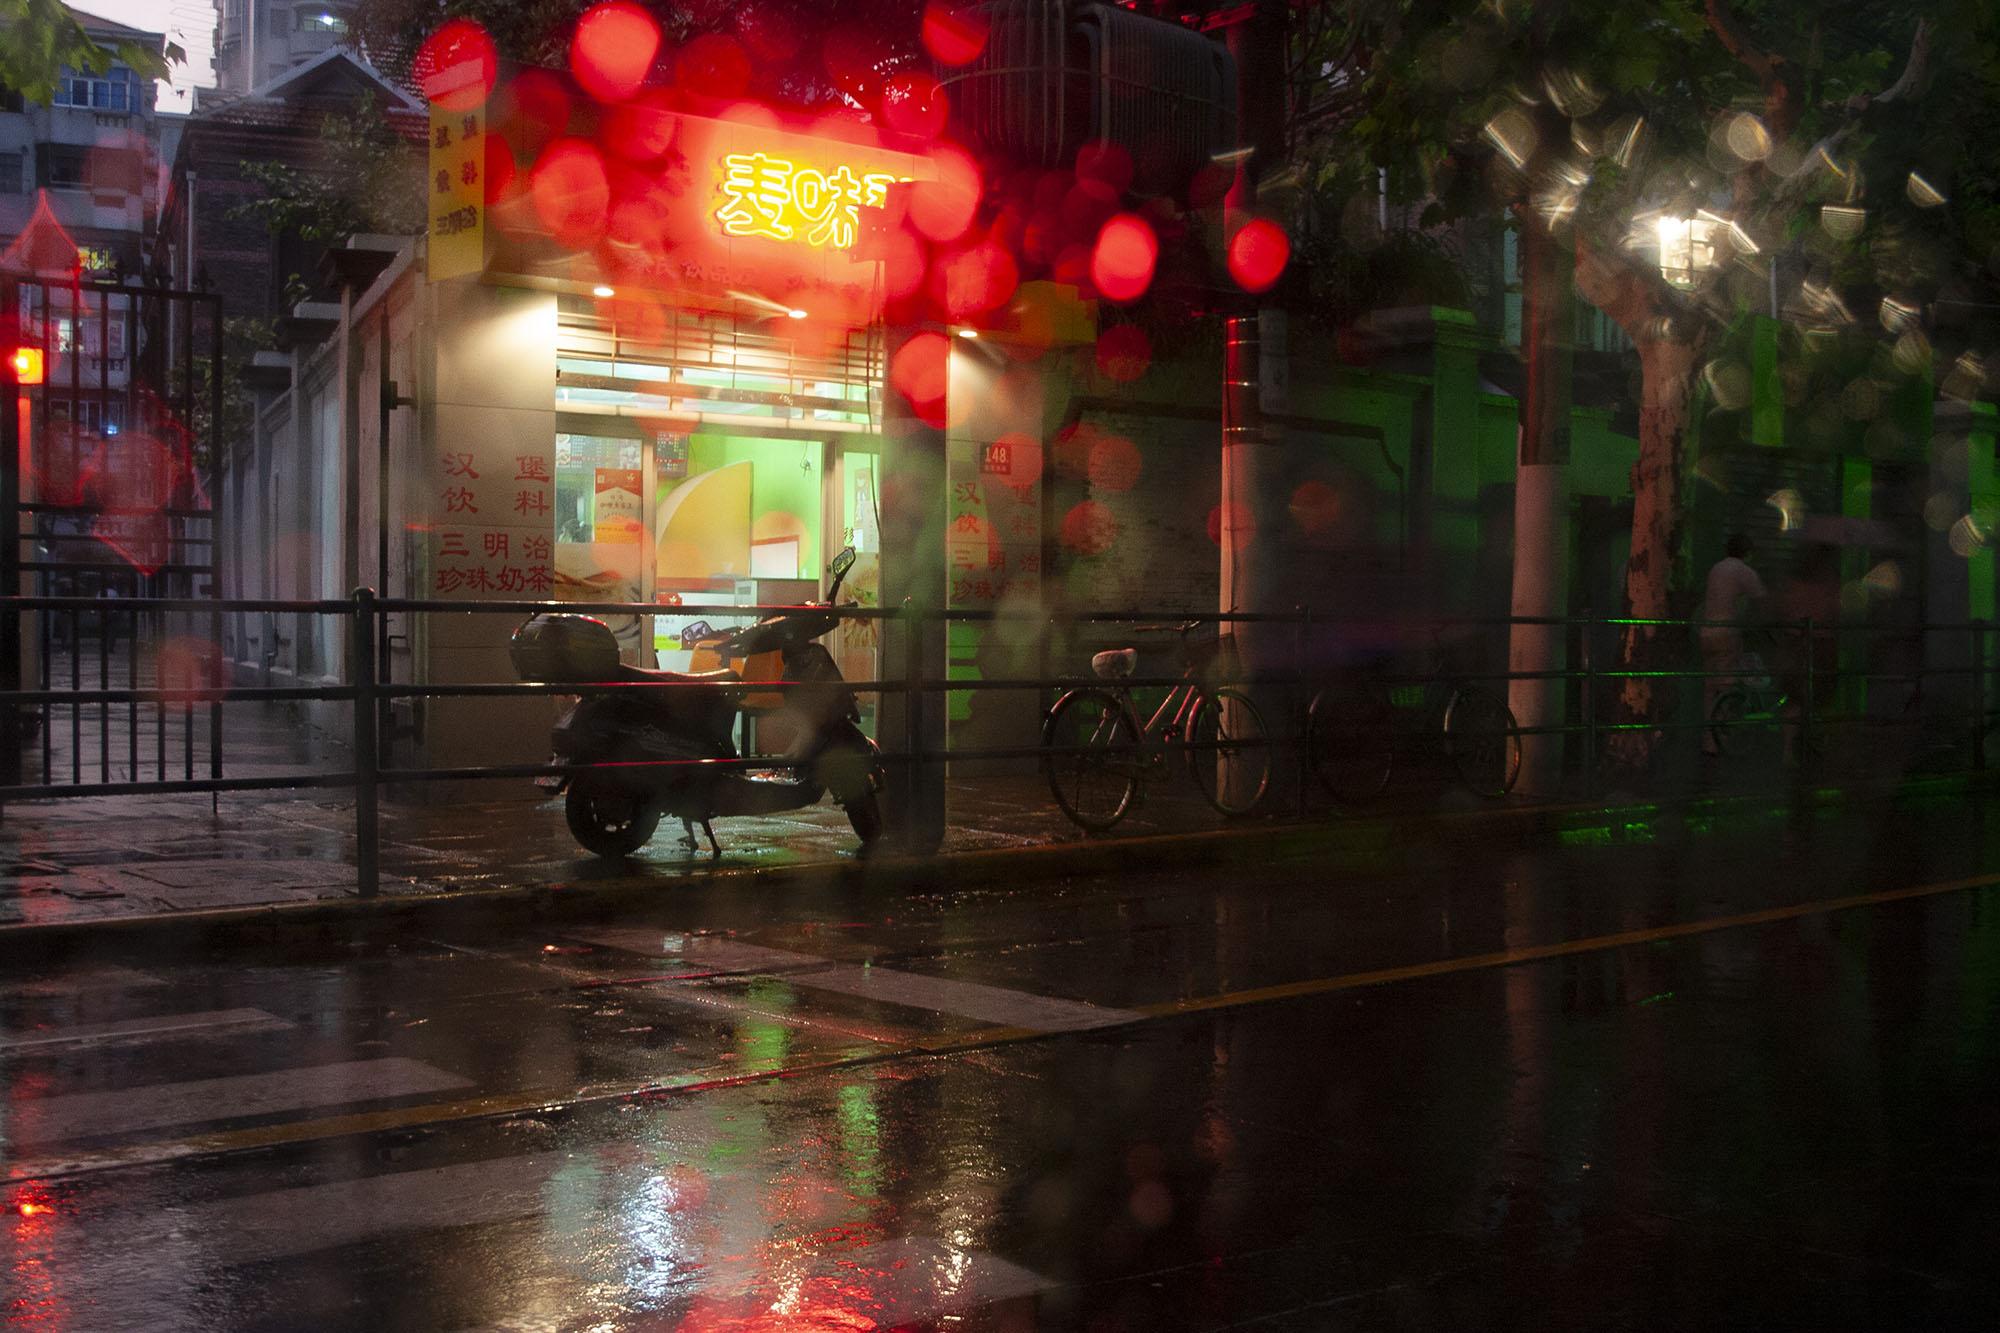 2005-06-29 shanghai 032.jpg